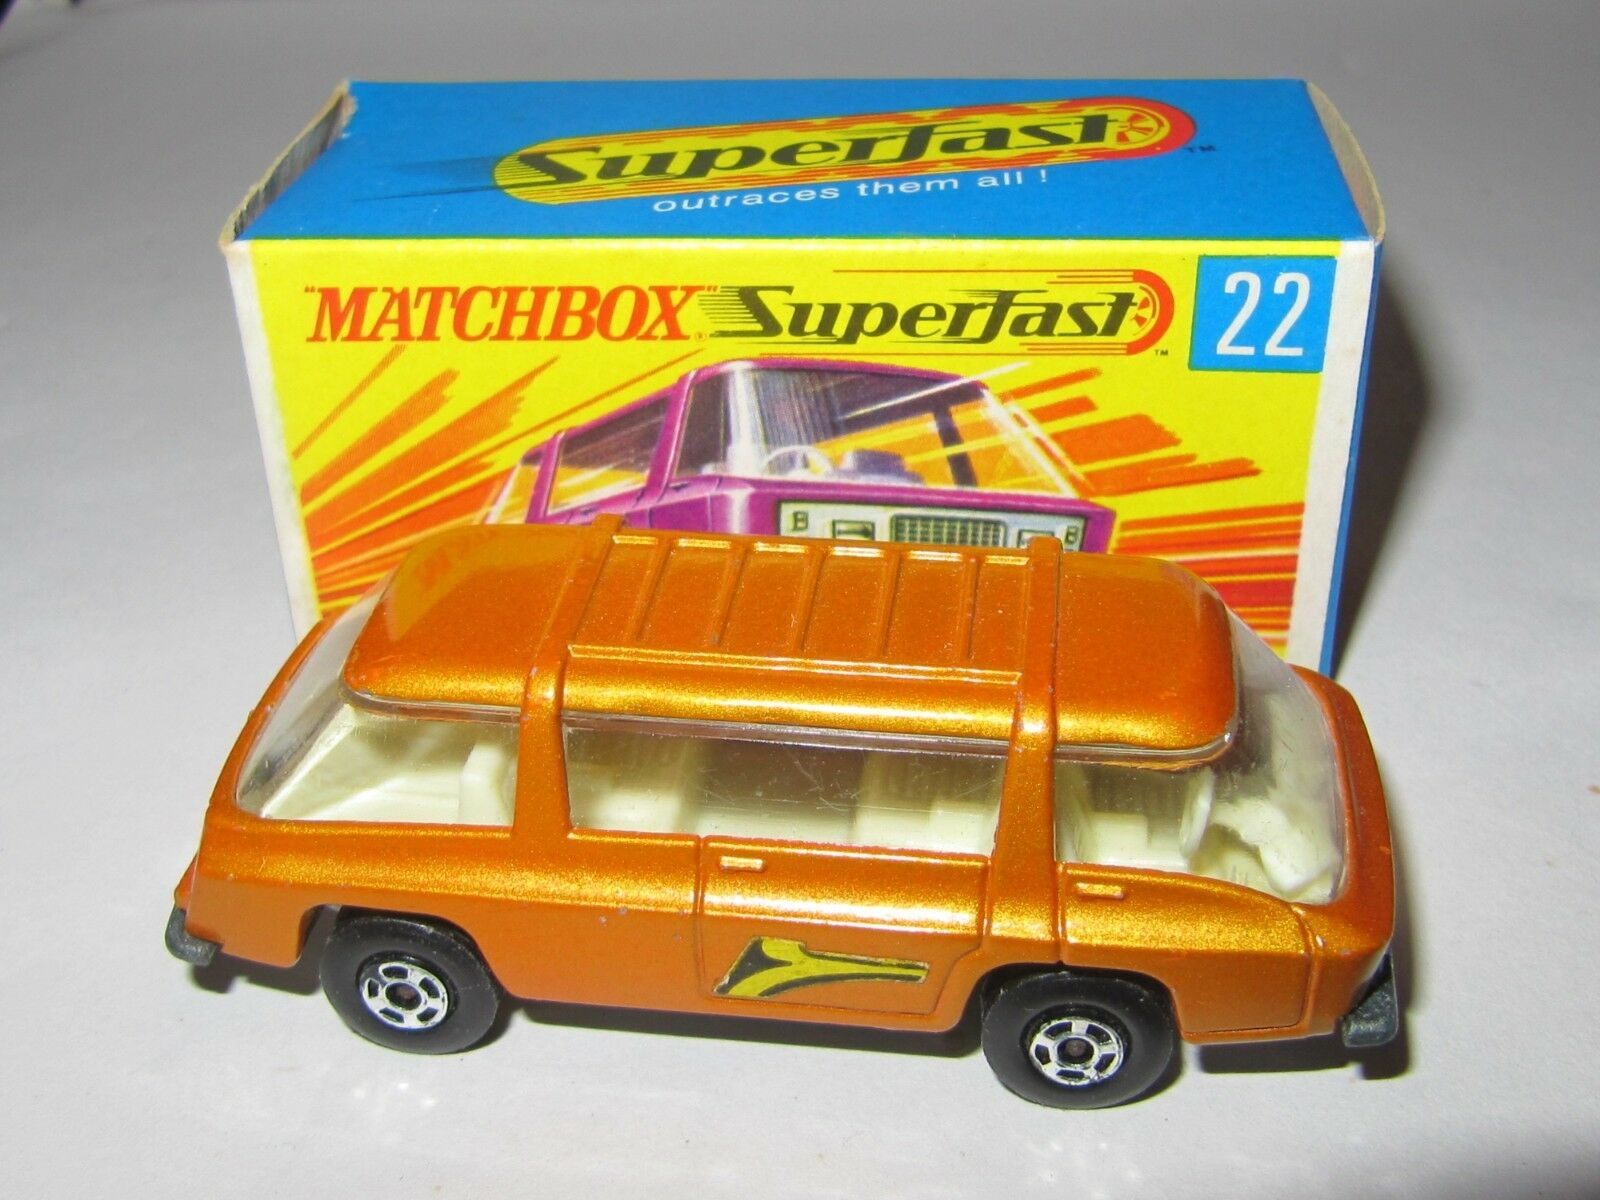 MATCHBOX SUPERFAST No.22 Freeman Inter-City PENDOLARE  RARO  ColoreeeE oro Nuovo di zecca con scatola